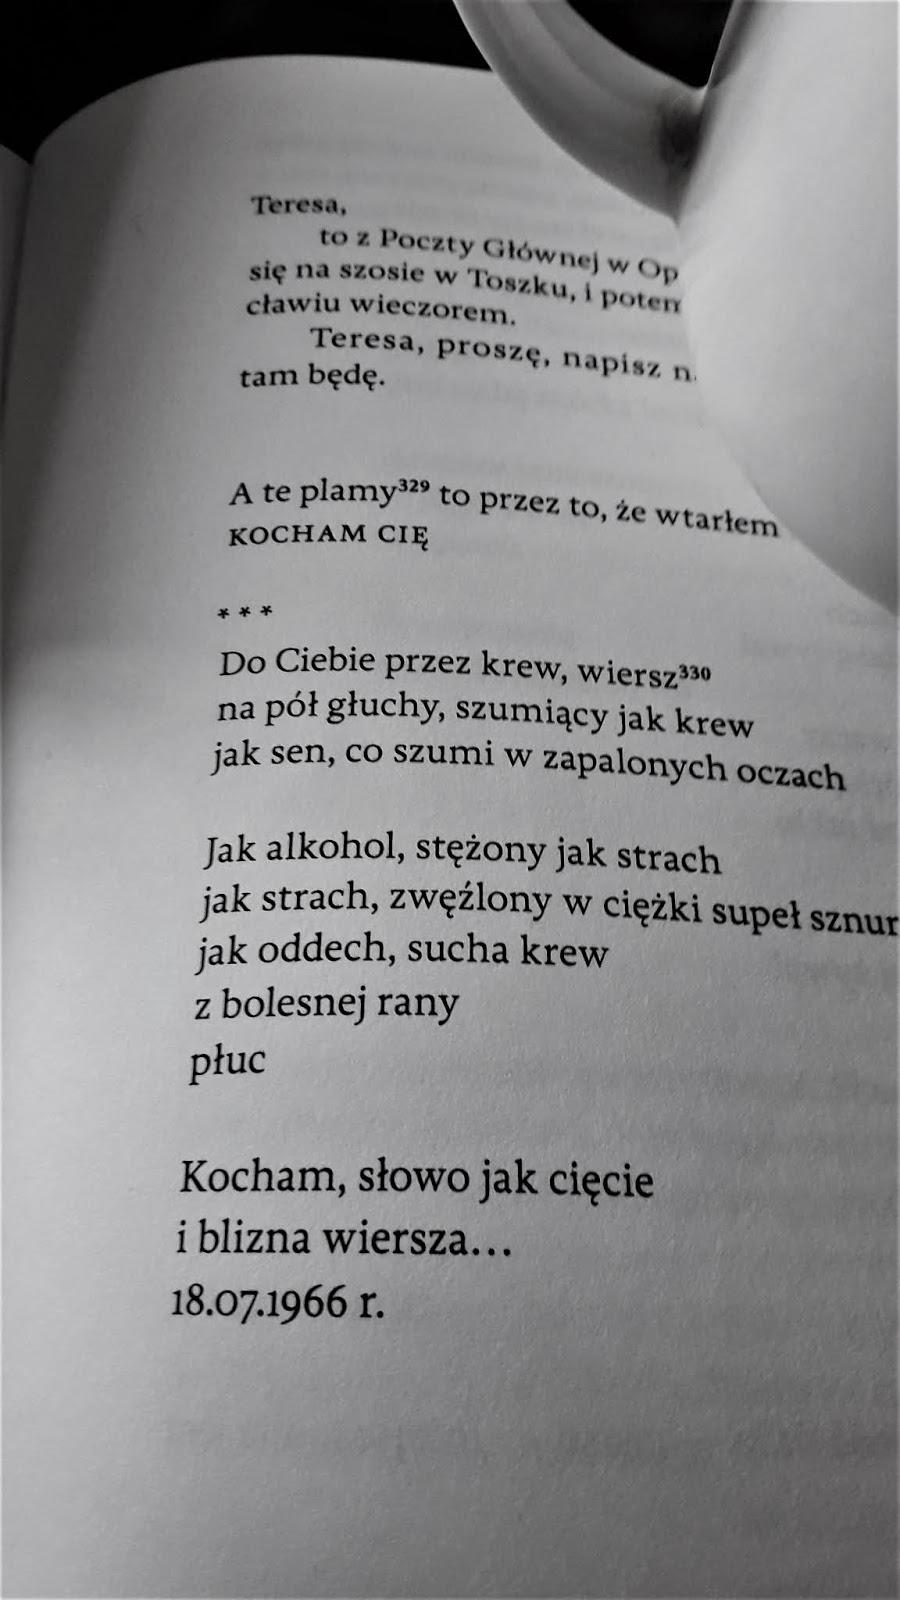 Randki - Bdzin, wojewodztwo lskie - directoryzoon.com